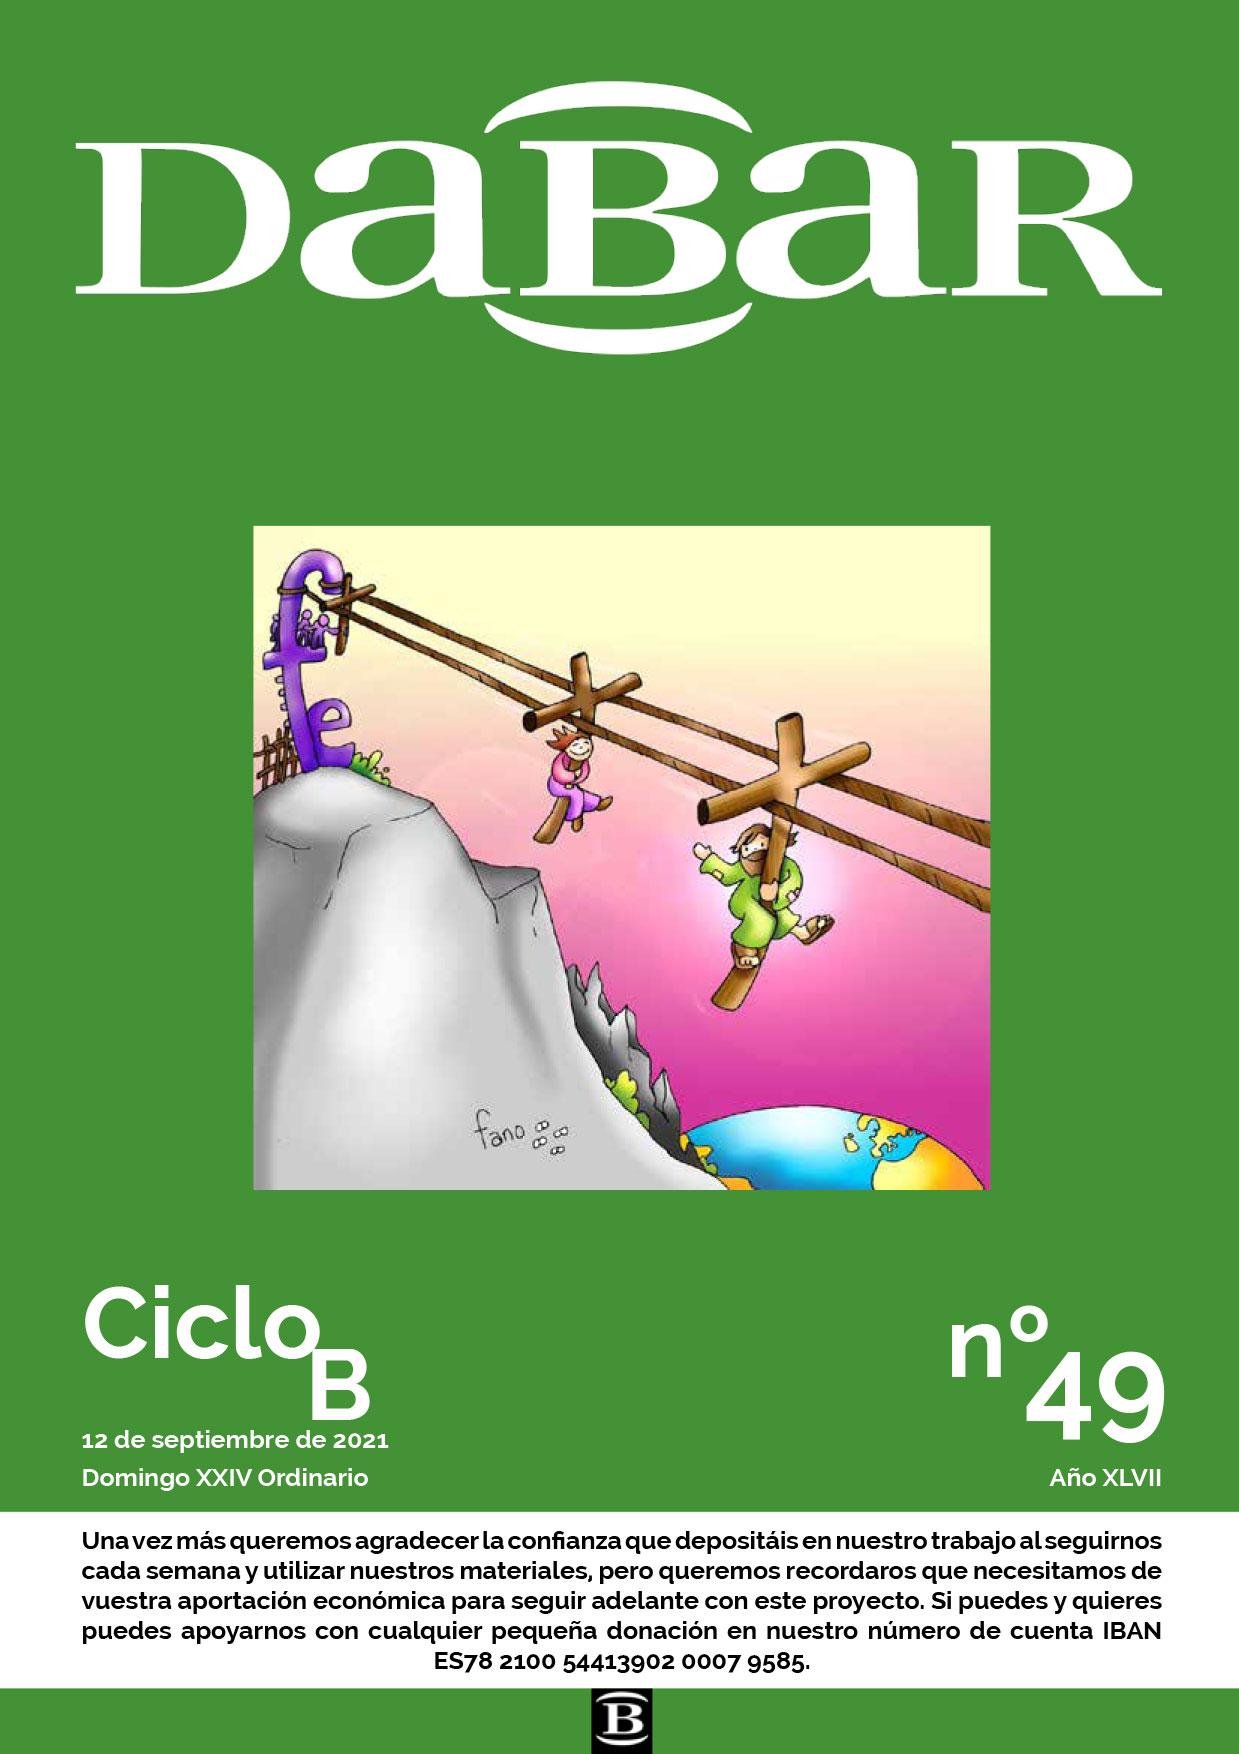 Dabar Revista número 49 ciclo B